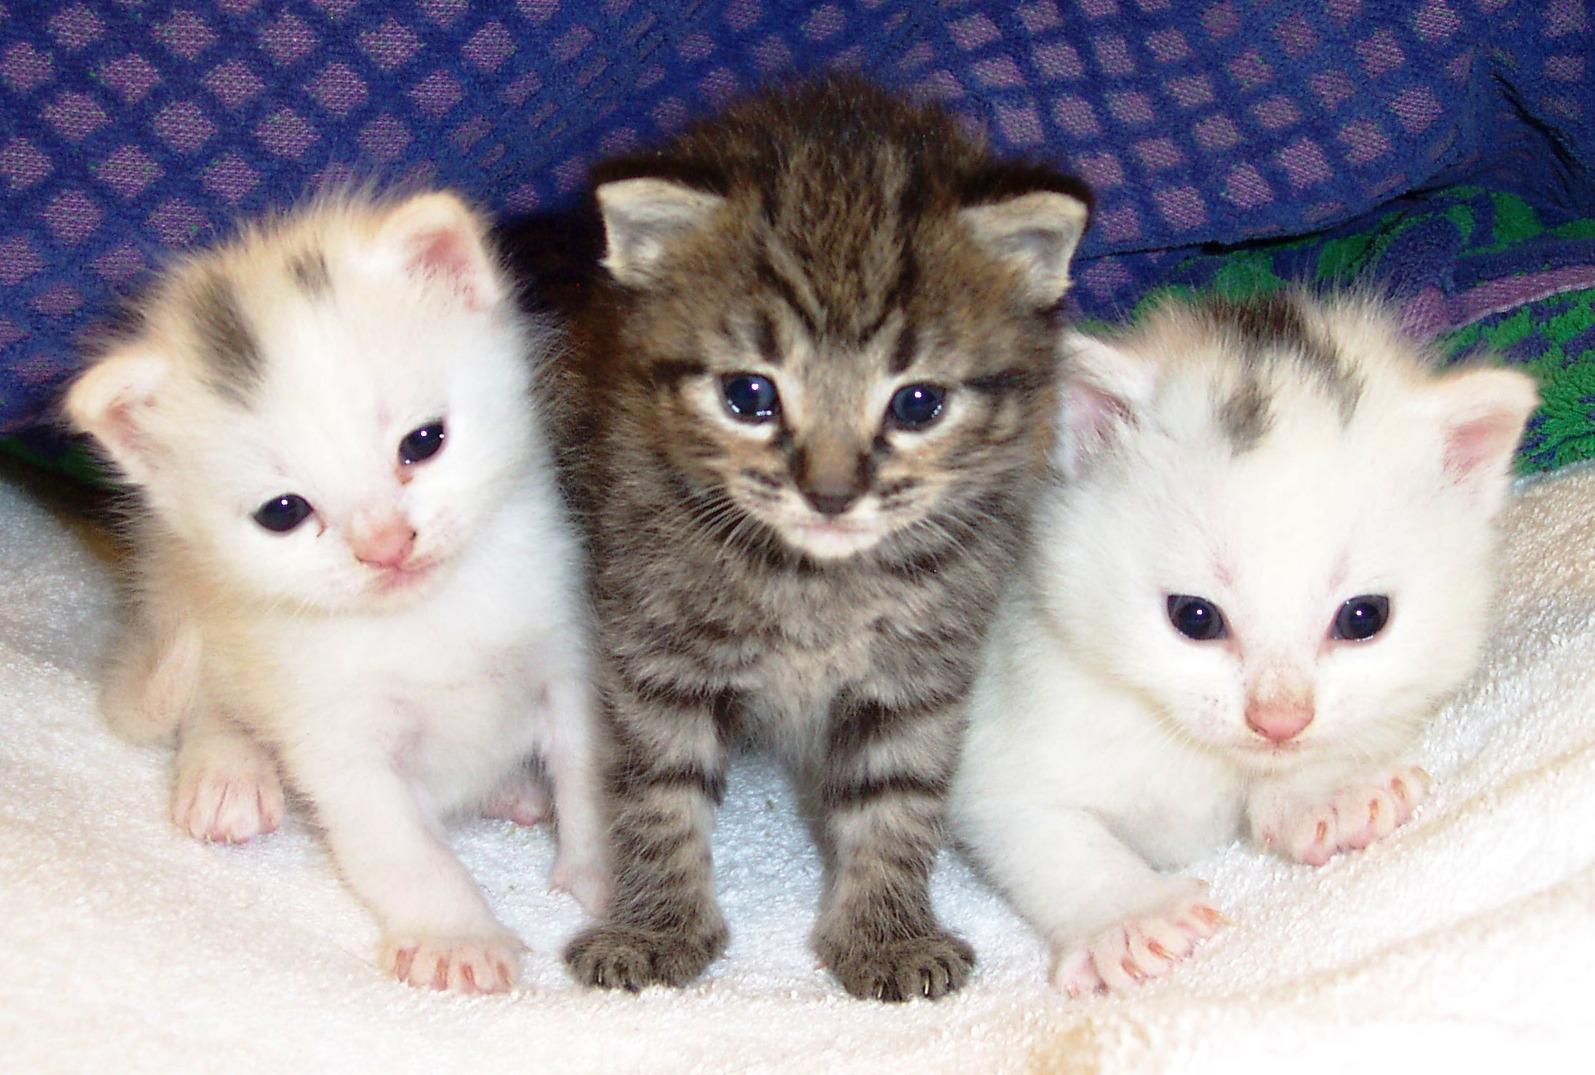 Perawatan Kucing Gambar Tiga Anak Kucing Yang Manis Dan Imut